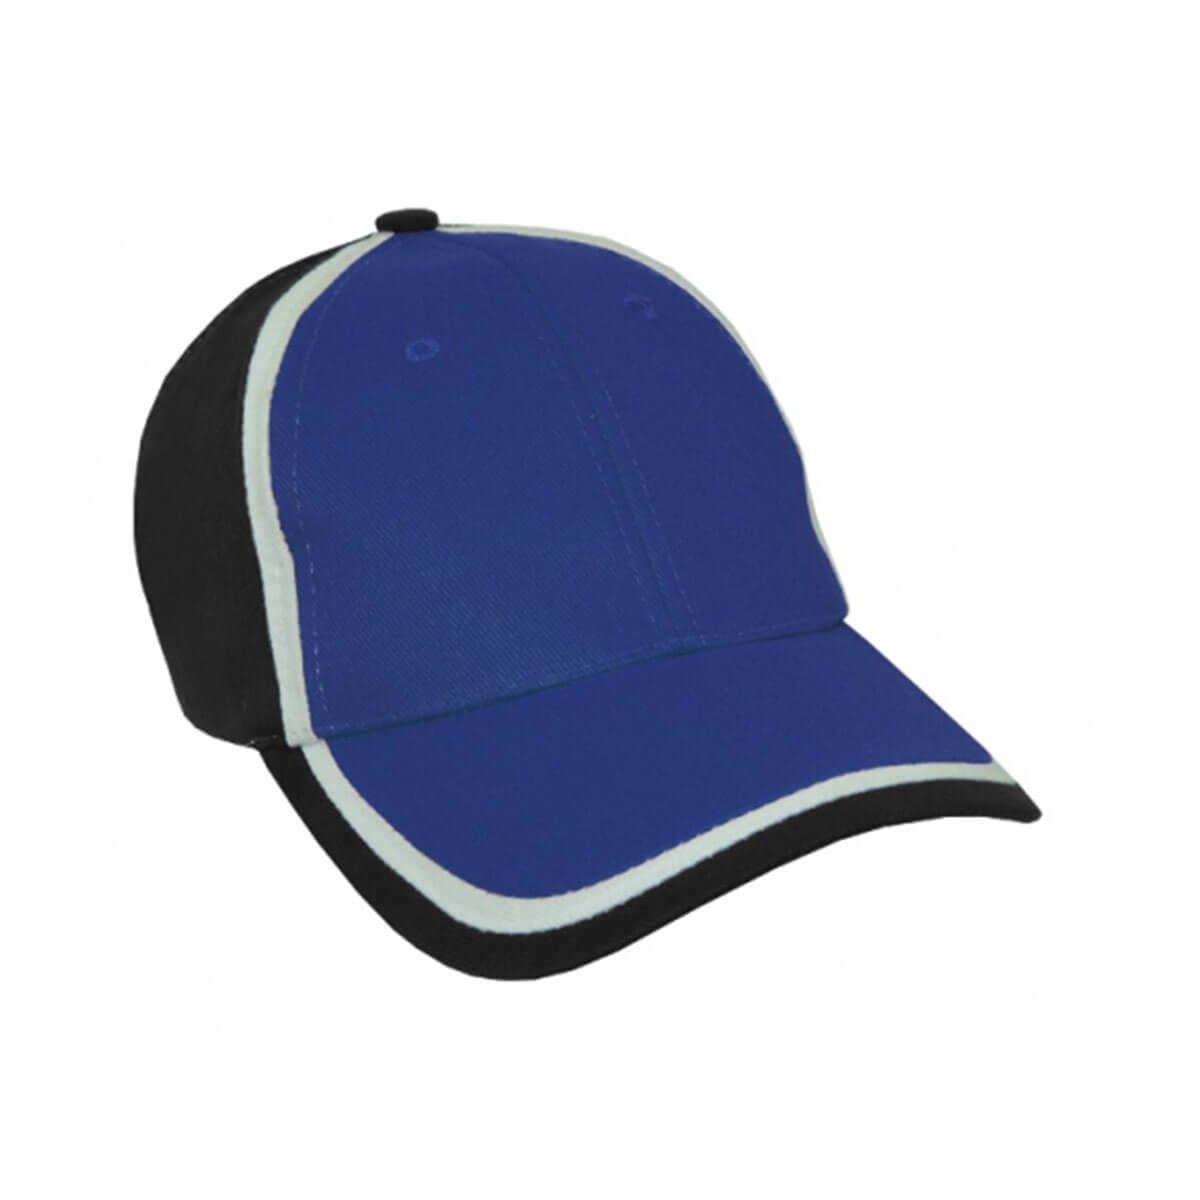 HBC Trim Design Cap-Royal / White / Black